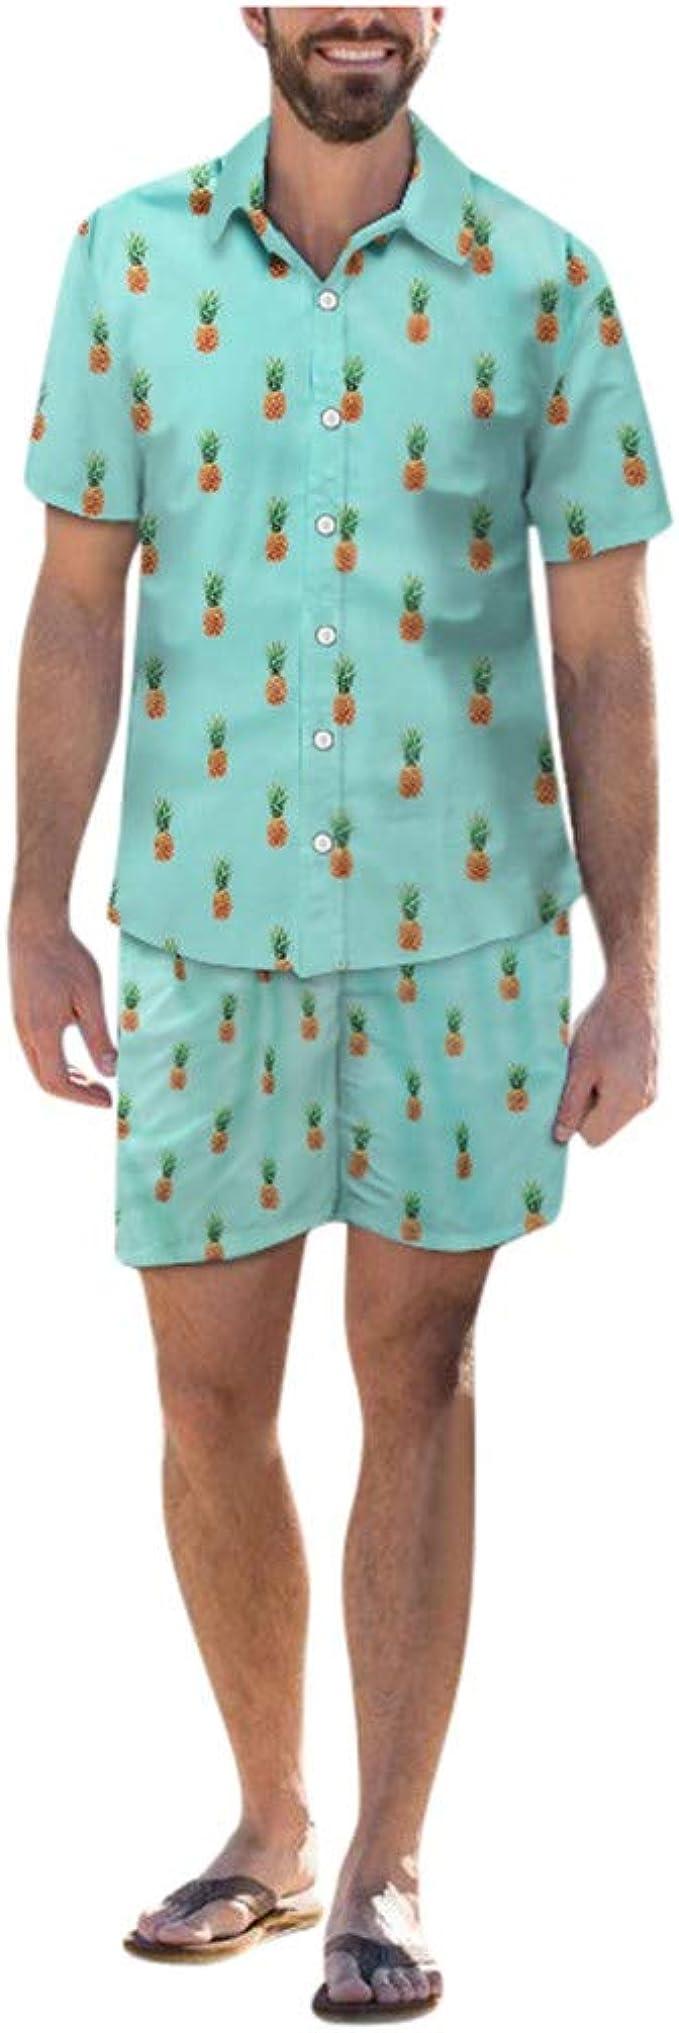 Camisas hawaianas para Hombre Manga Corta Blusa Prenda para el torso Camiseta Informal de vacaciones de verano playa